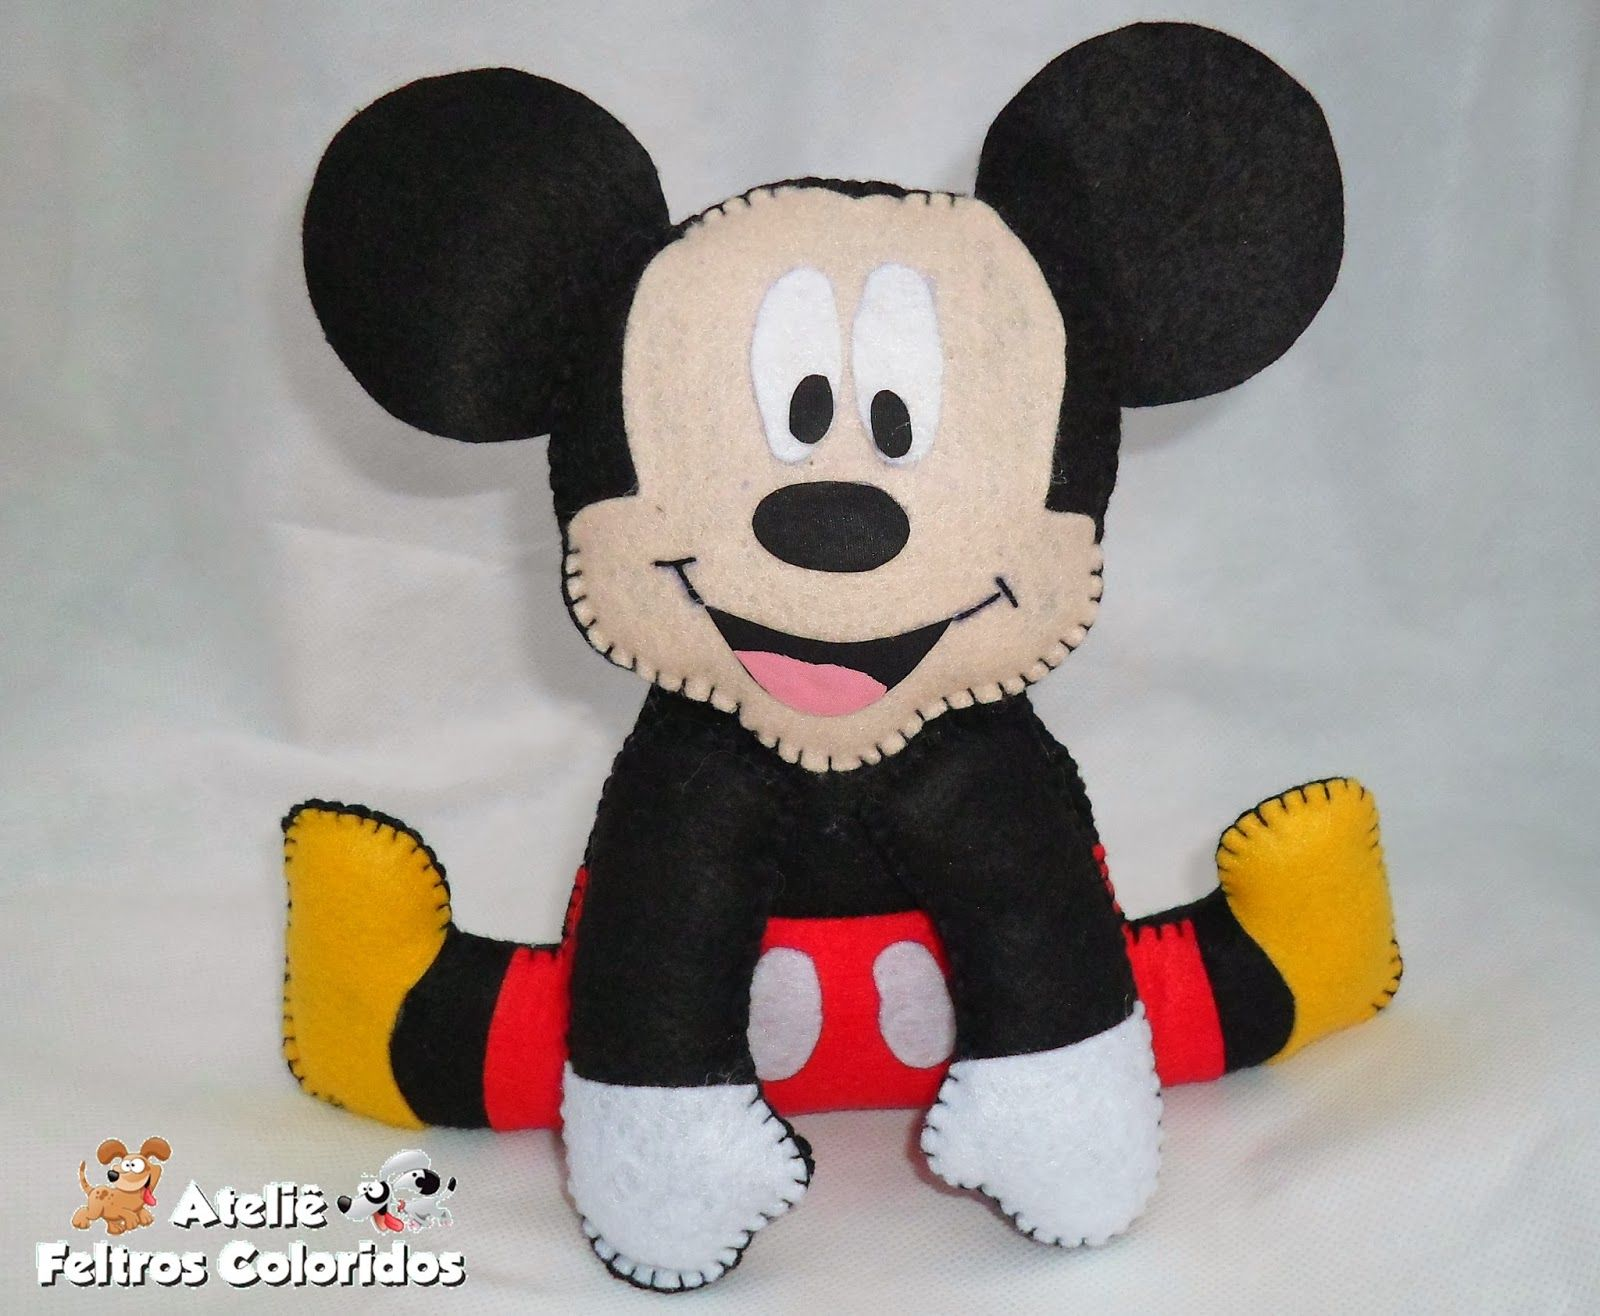 Ateliê Feltros Coloridos: Mickey e Turma Enfeite Centro de mesa